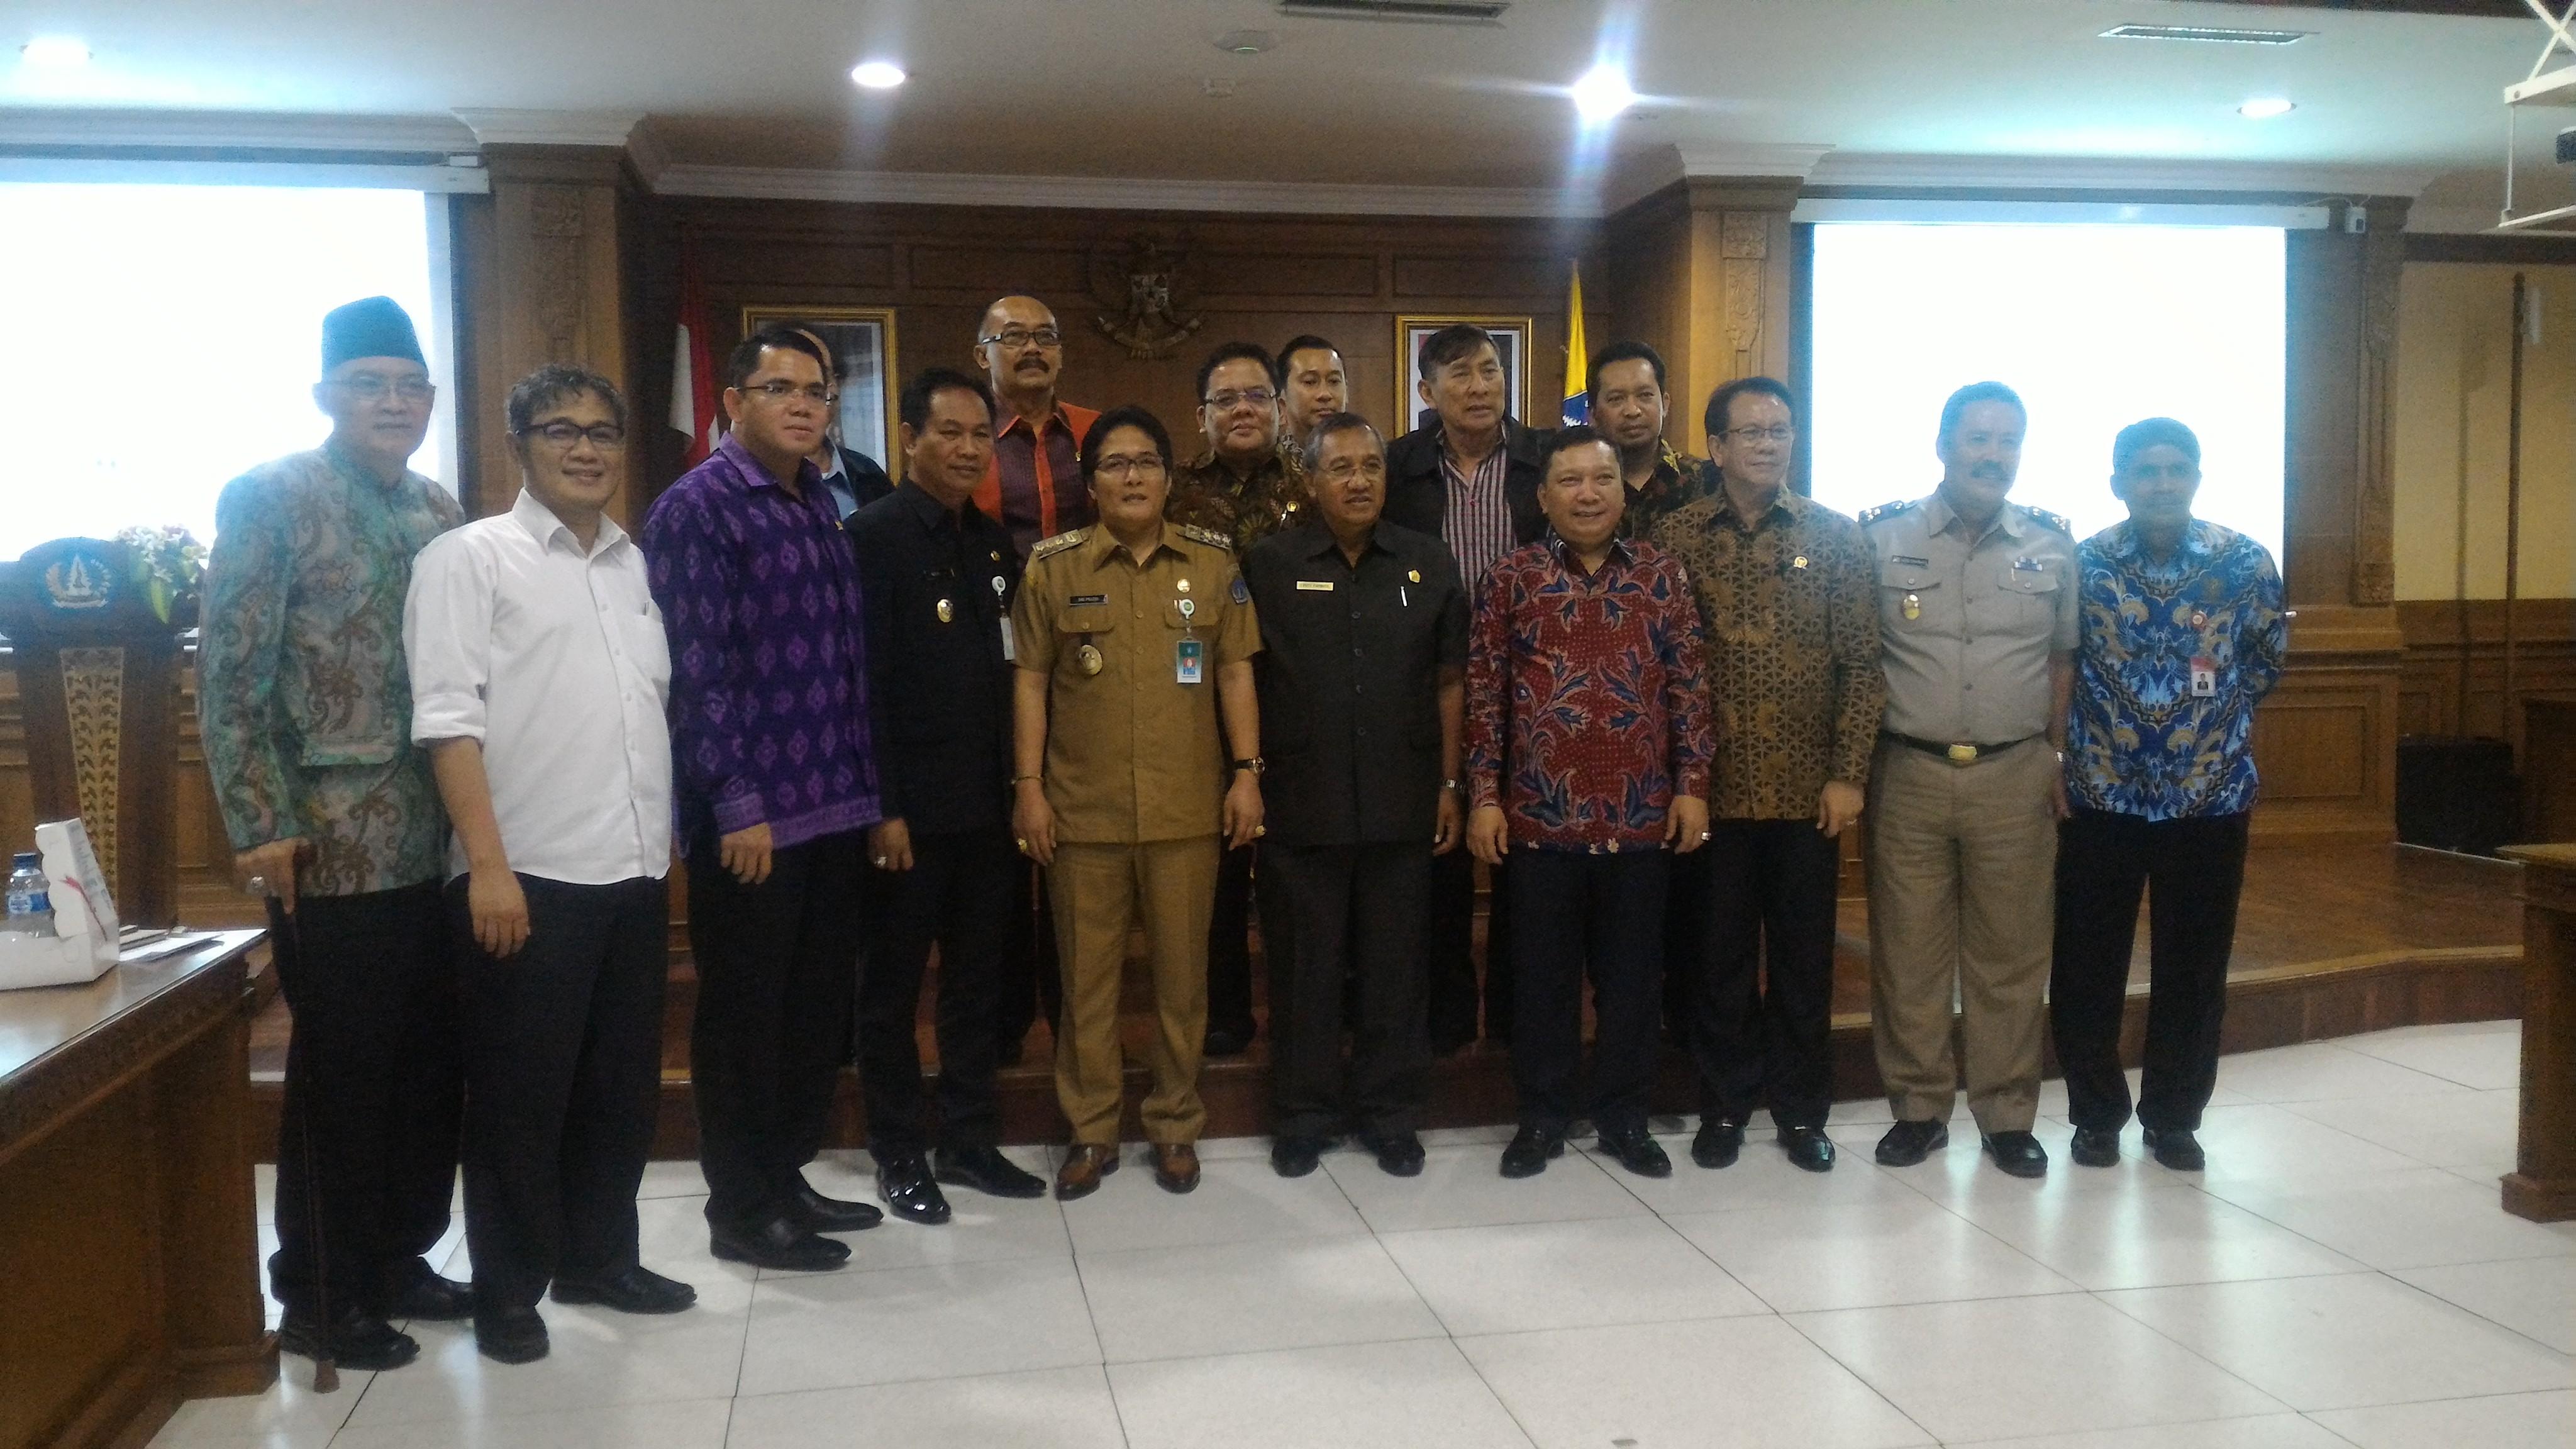 Bupati Badung I Nyoman Giri Prasta berfoto bersama anggota Komisi II DPR, di Badung, Bali, Senin (27/2) siang. (Foto: Edi N/Humas)